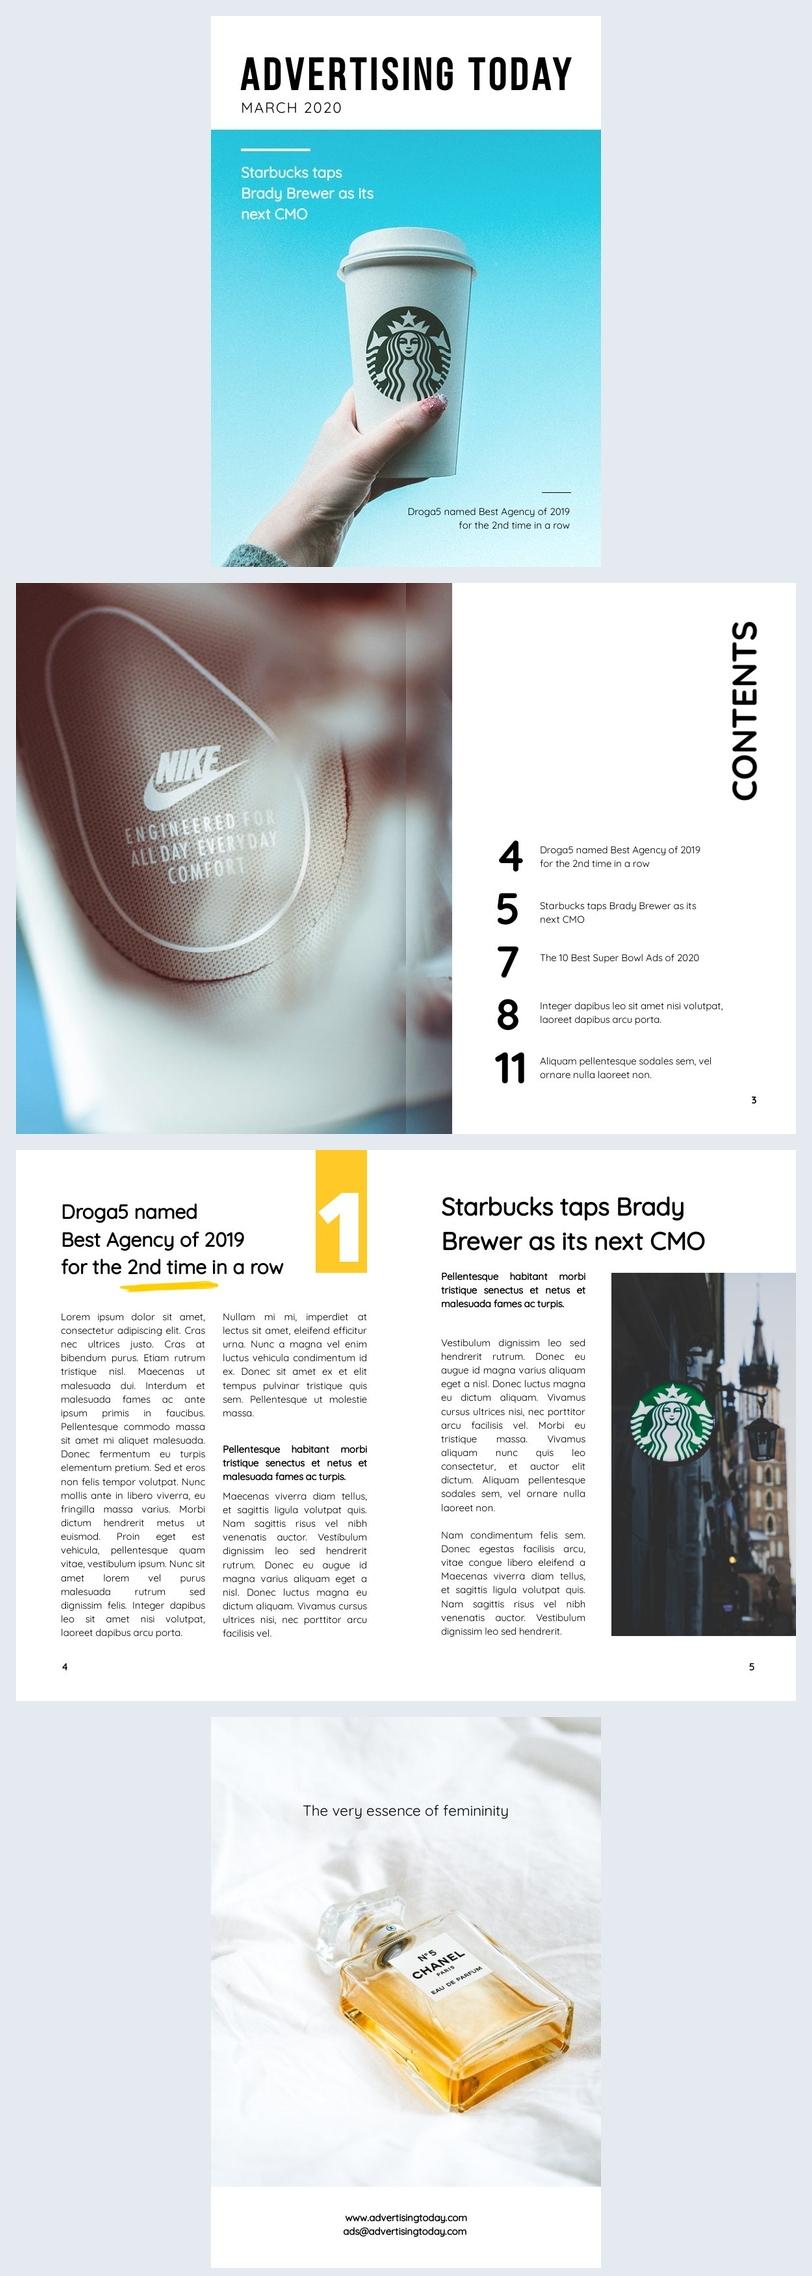 Plantilla para diseño de revista publicitaria